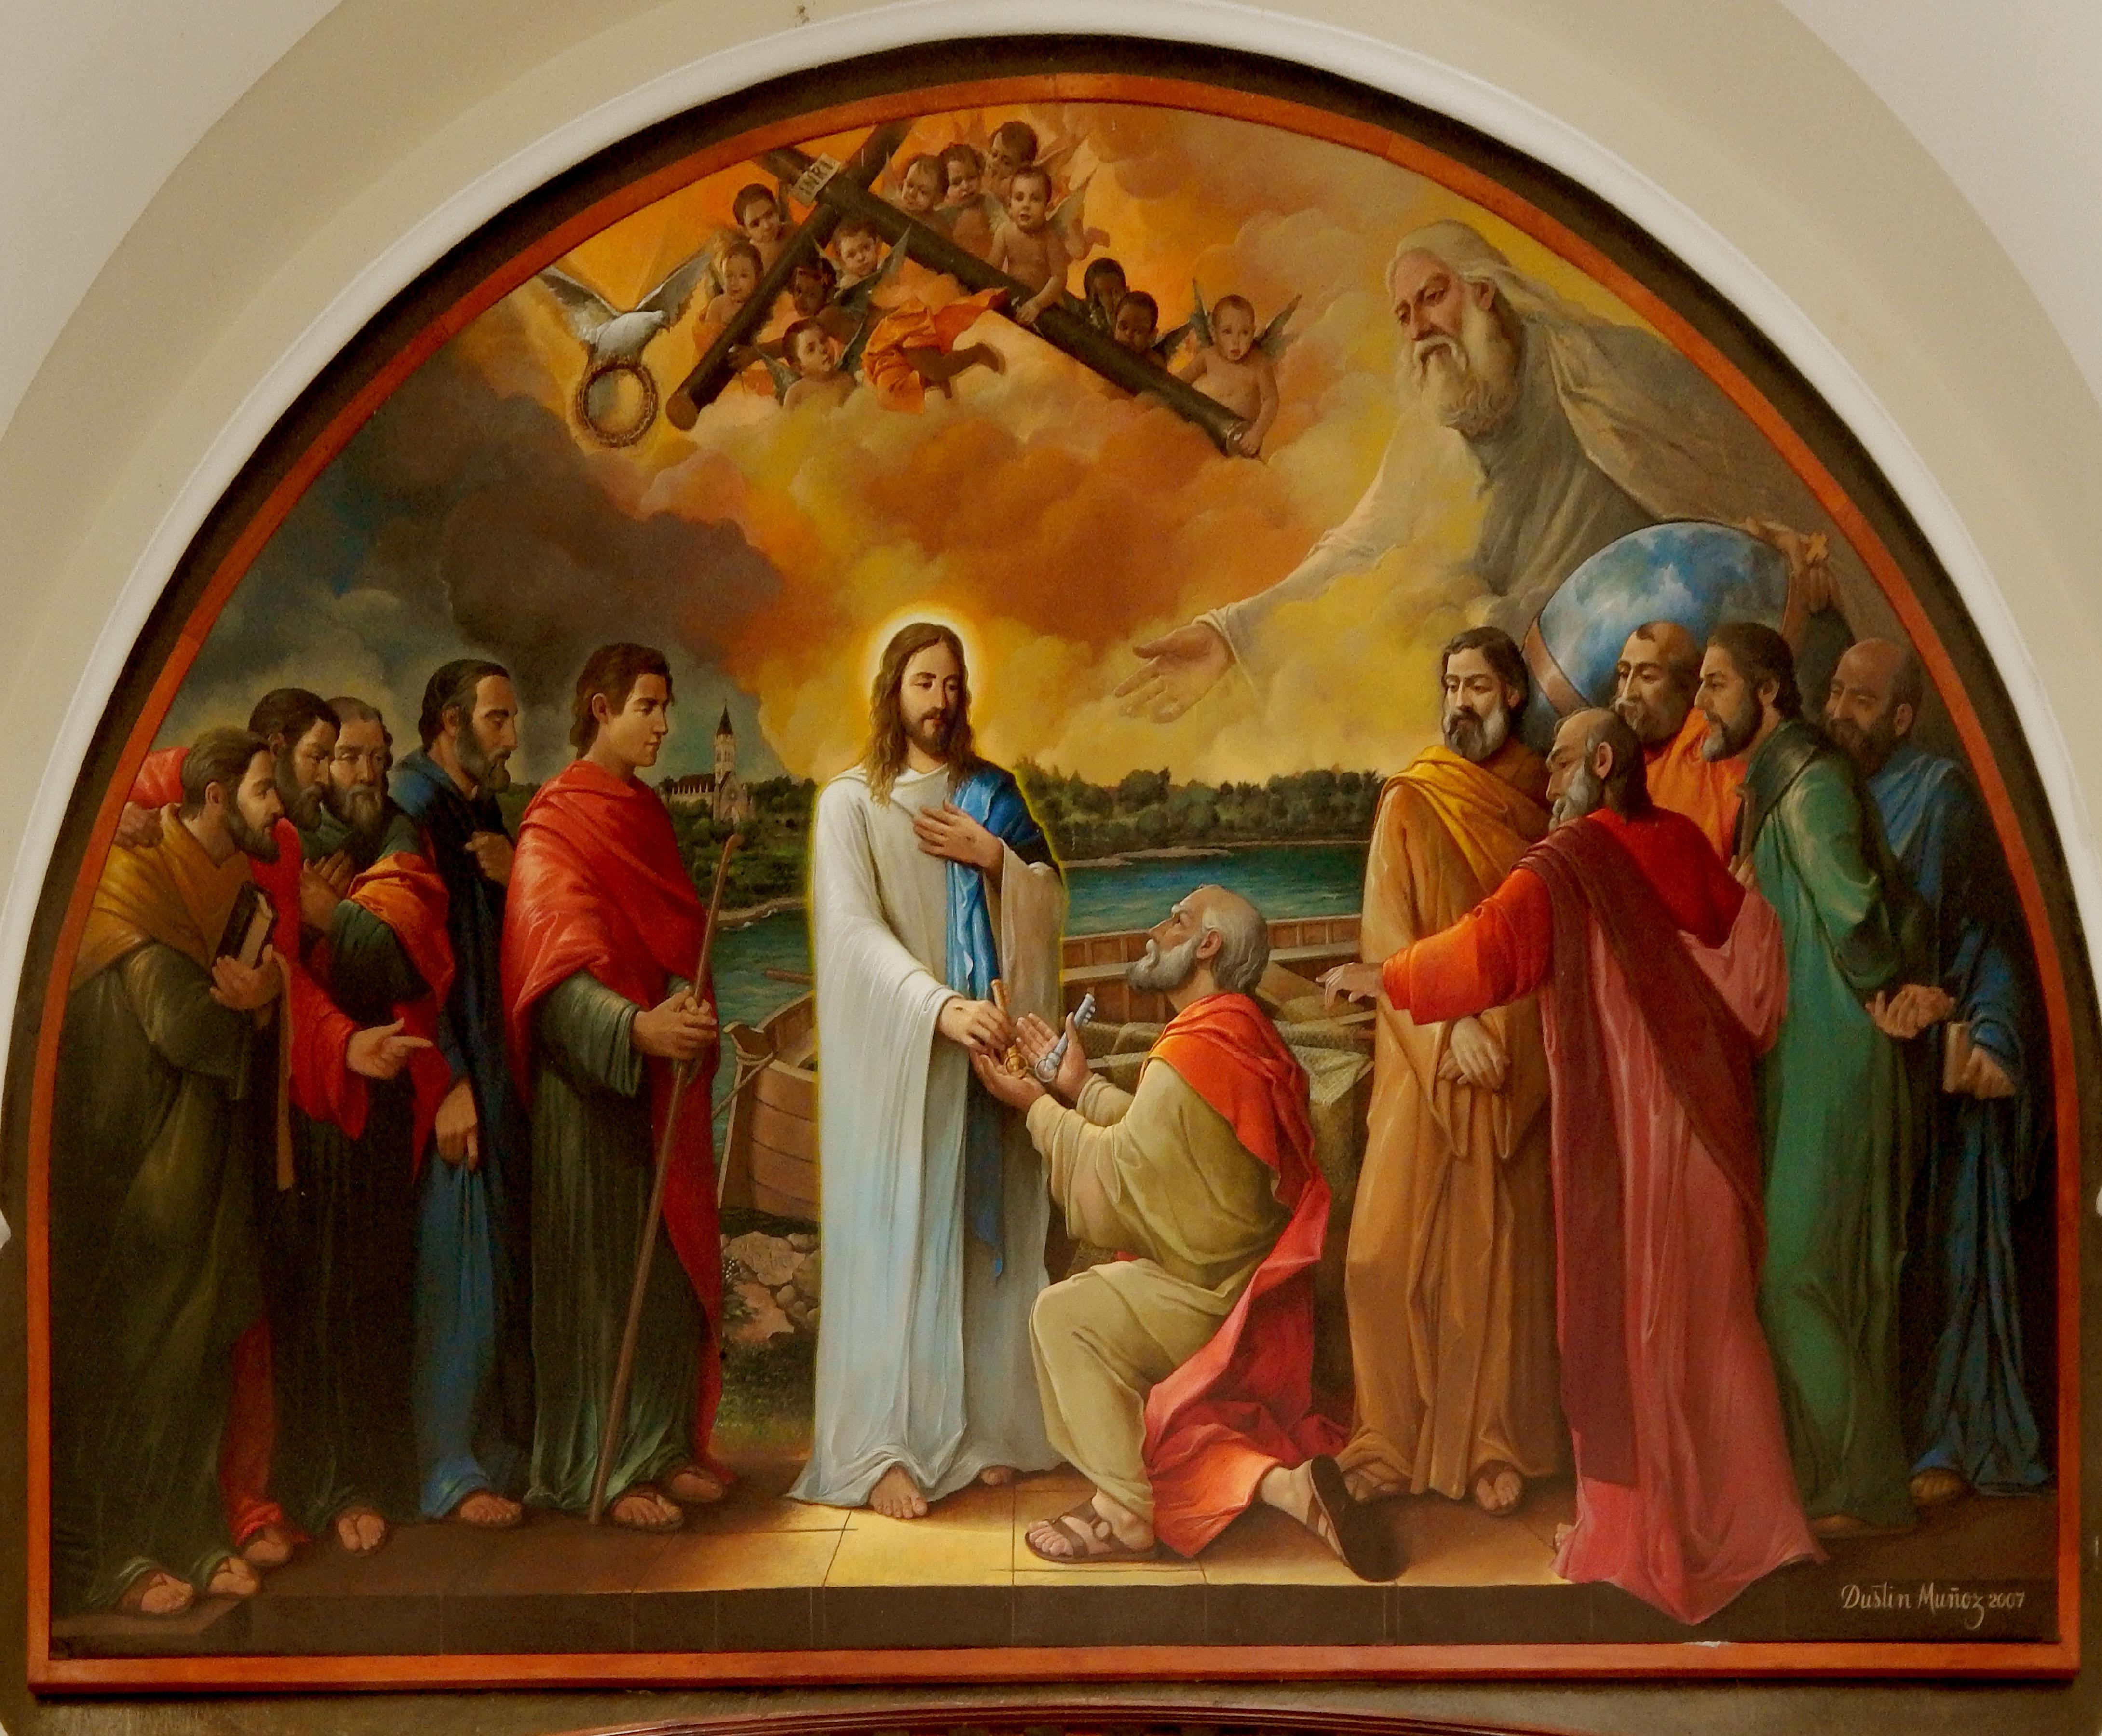 Mural Jesús entregando las llaves a Pedro, 215x315 pulgs., 2007. Ubicada Catedral de San Pedro de Macorís